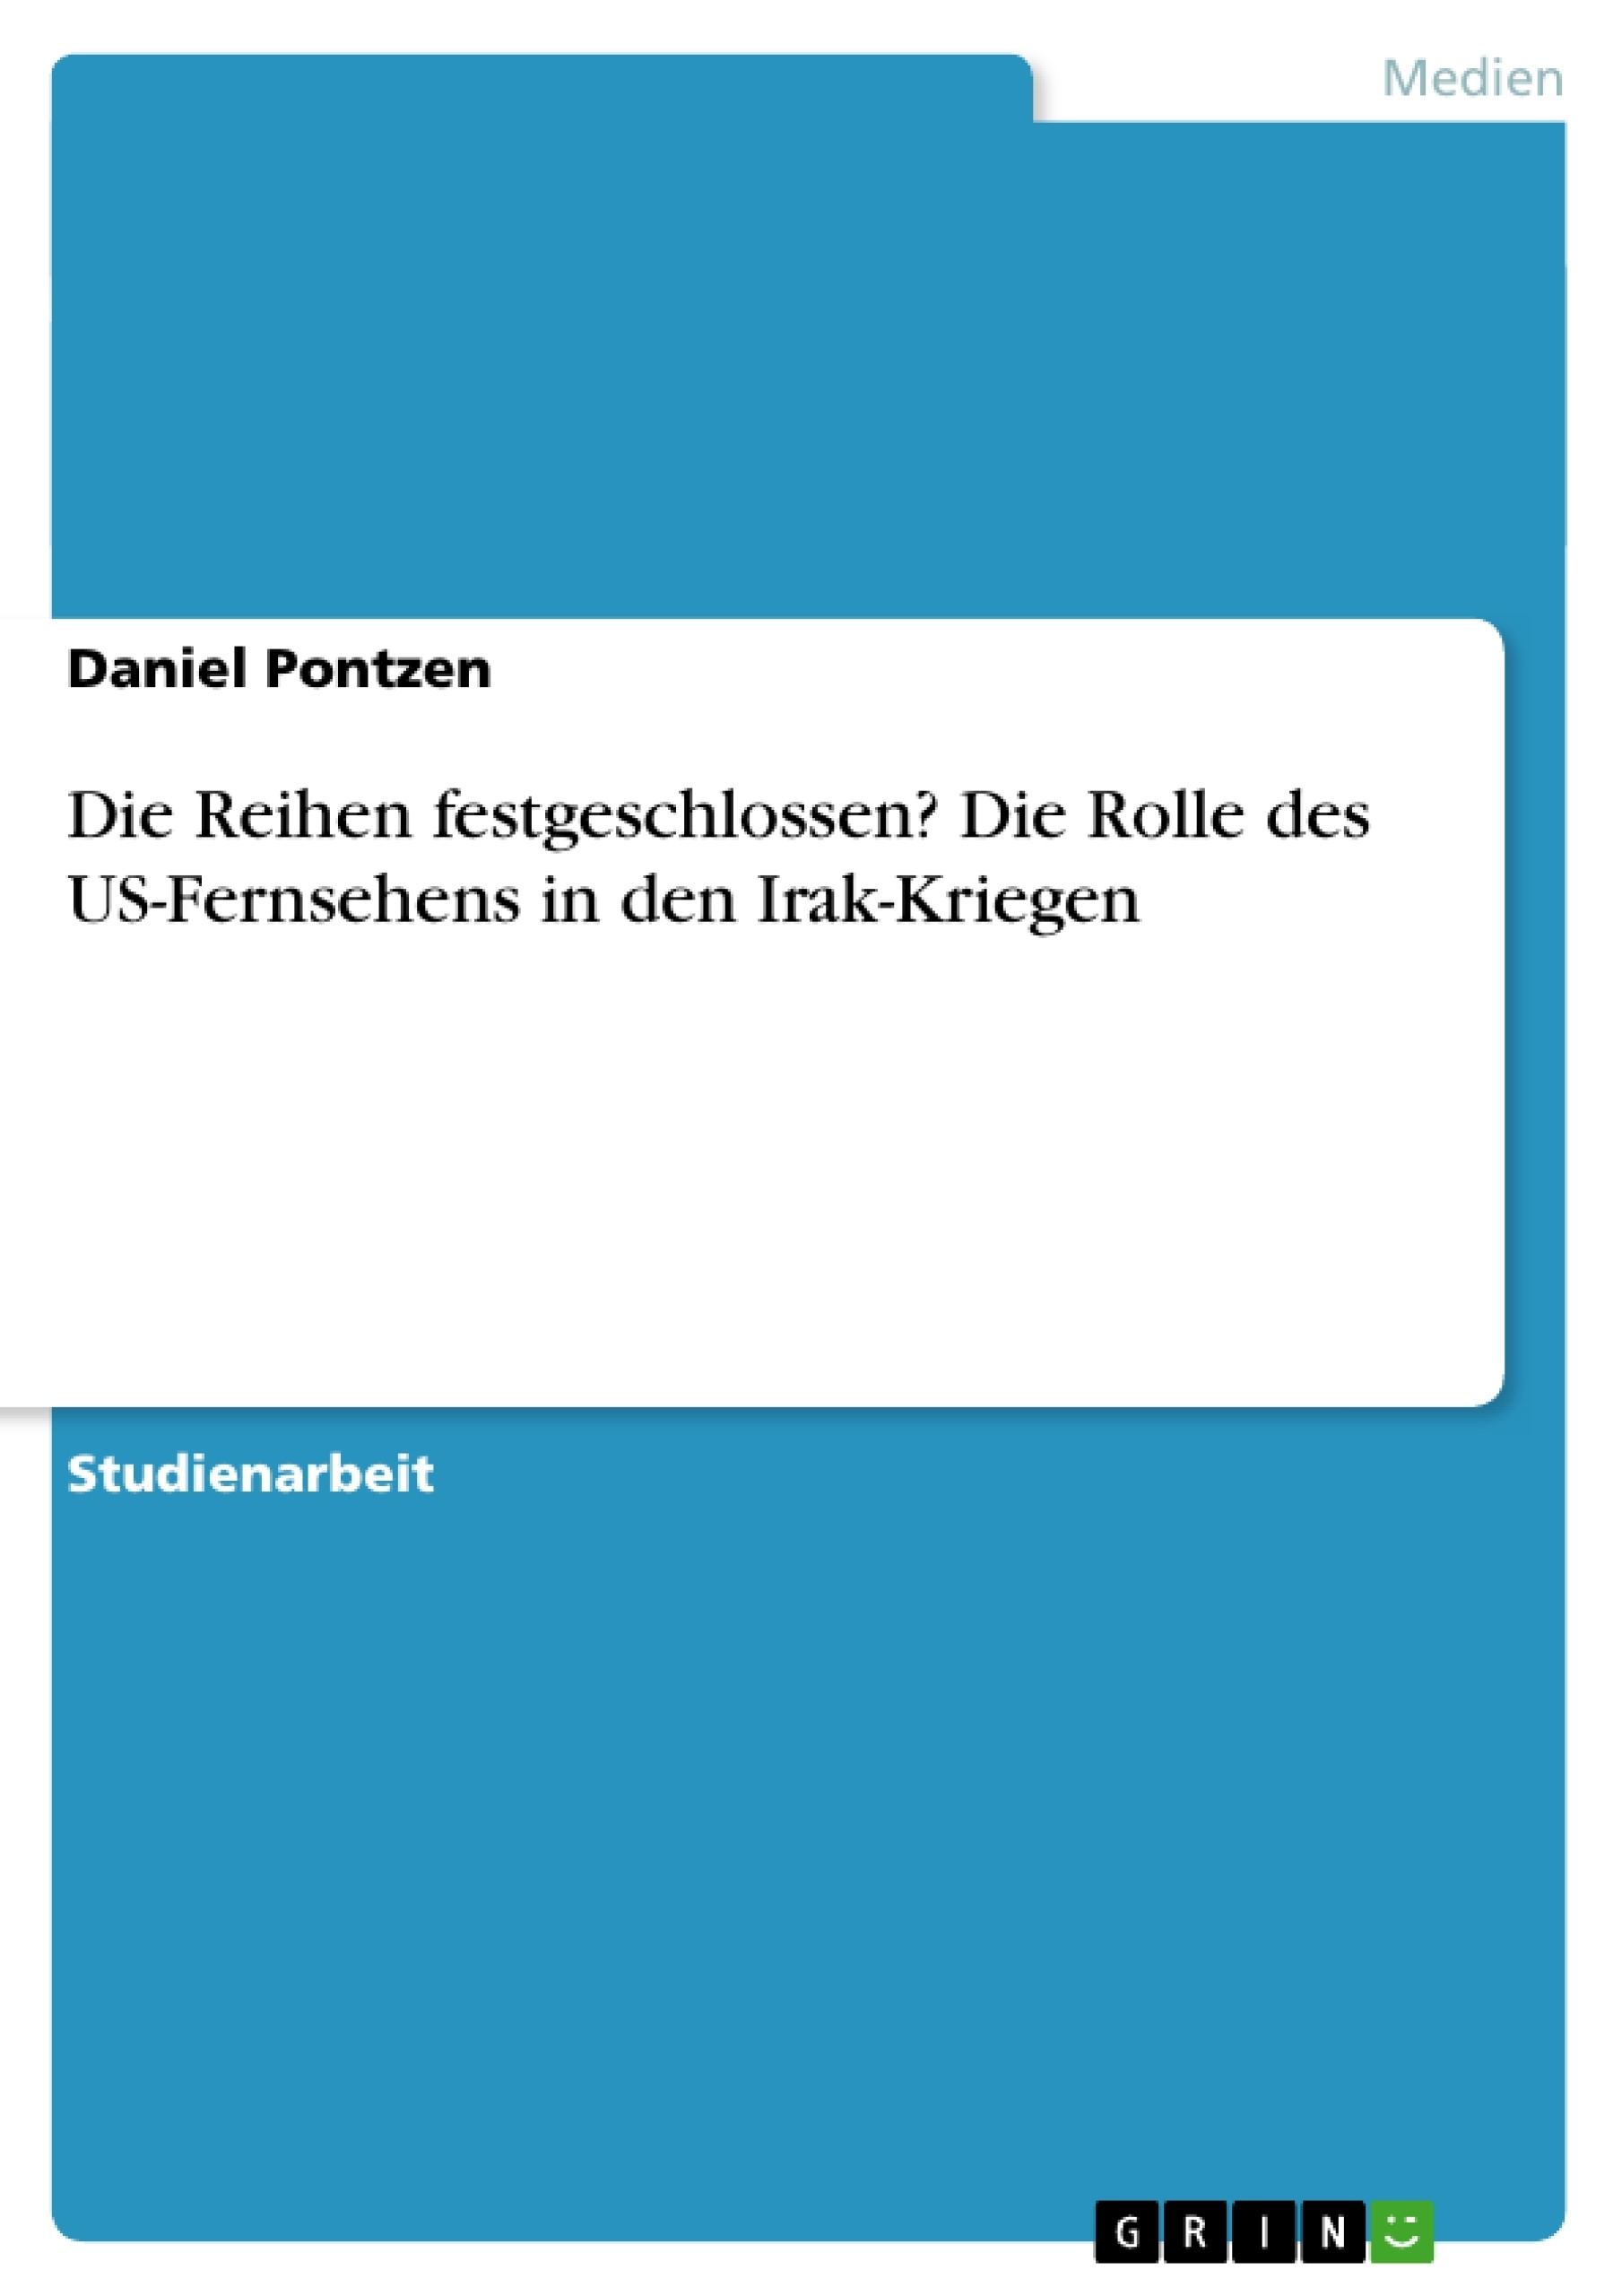 Titel: Die Reihen festgeschlossen? Die Rolle des US-Fernsehens in den Irak-Kriegen